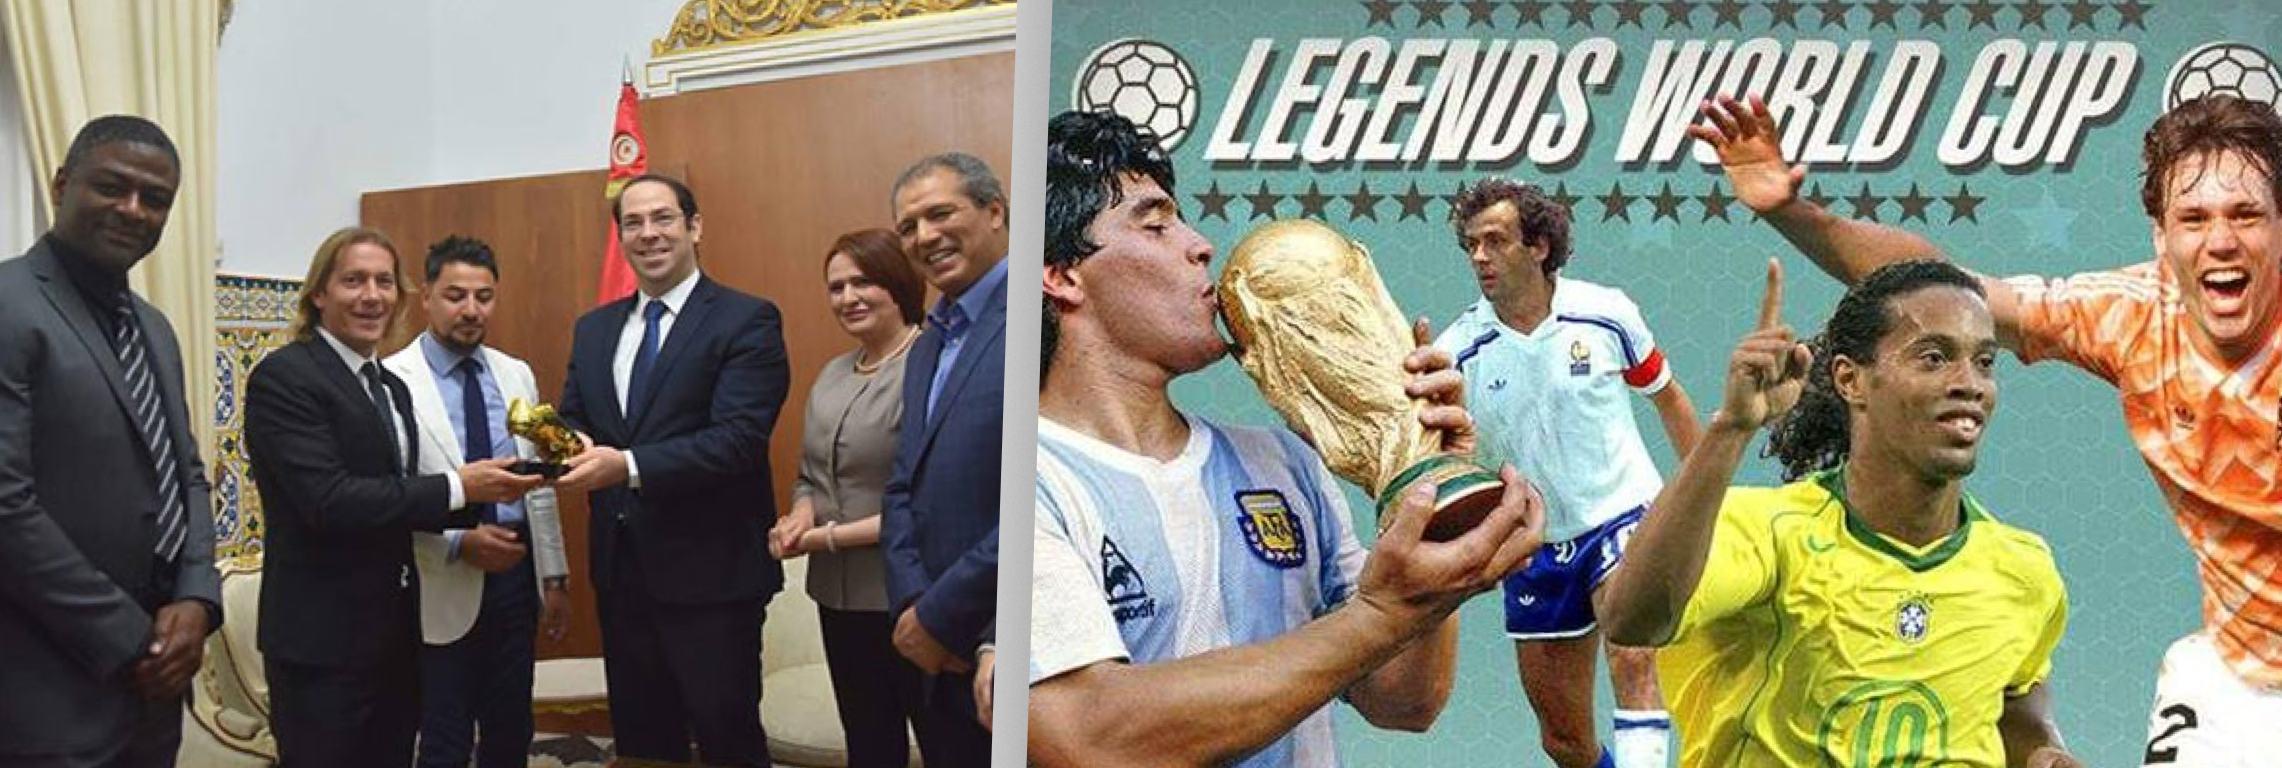 slider coupe du monde des legendes Tunisie 2017